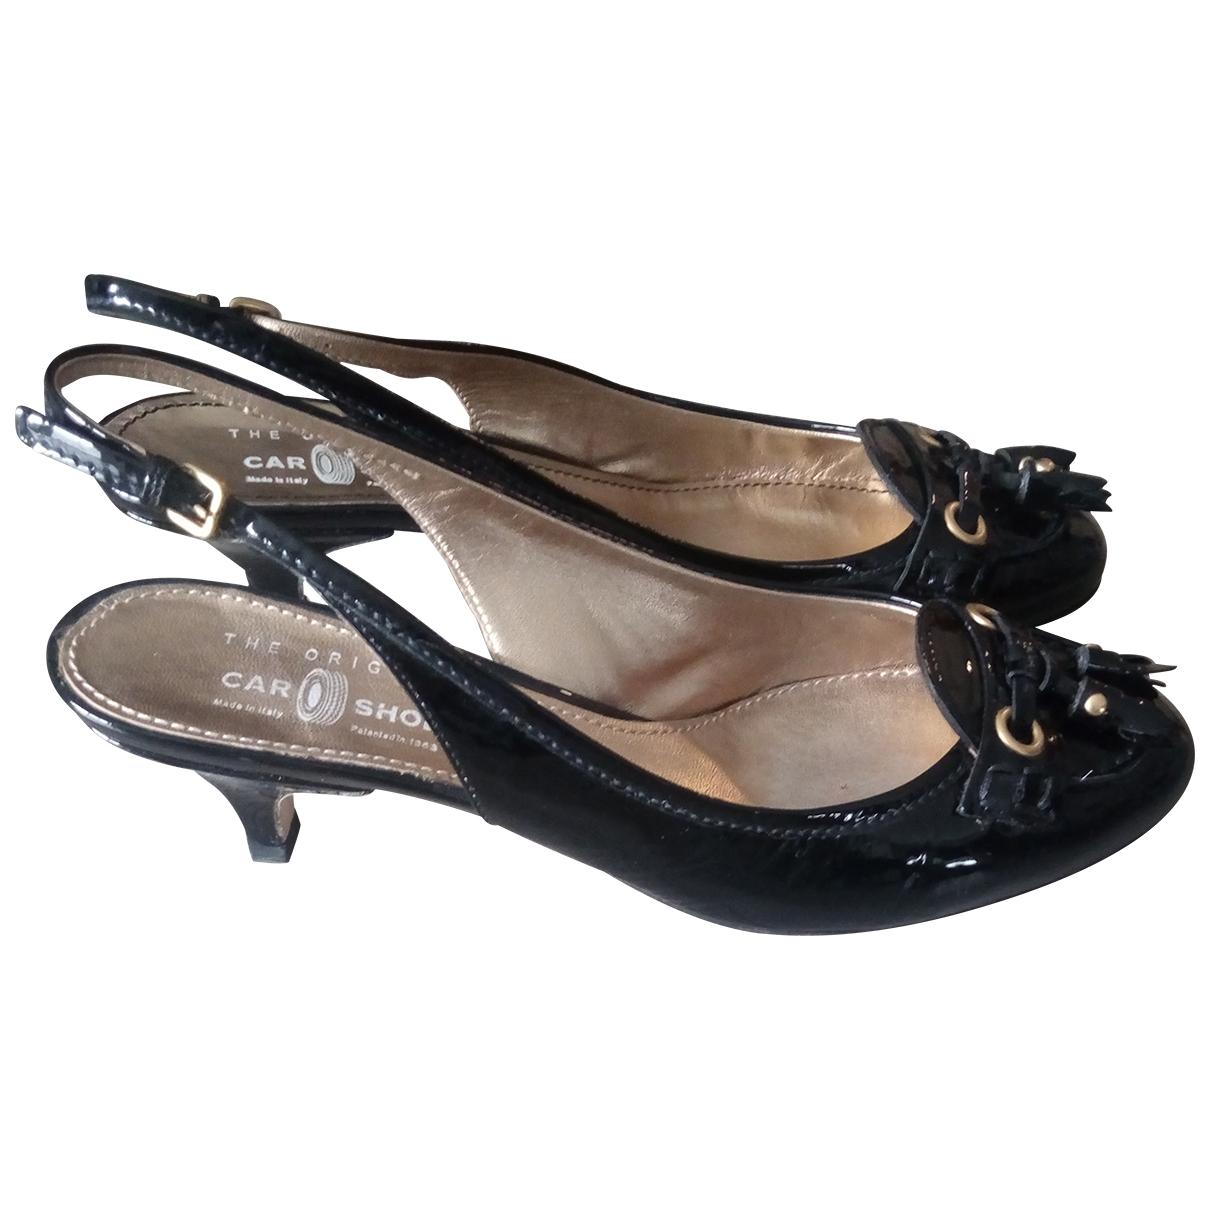 Carshoe - Escarpins   pour femme en cuir verni - noir